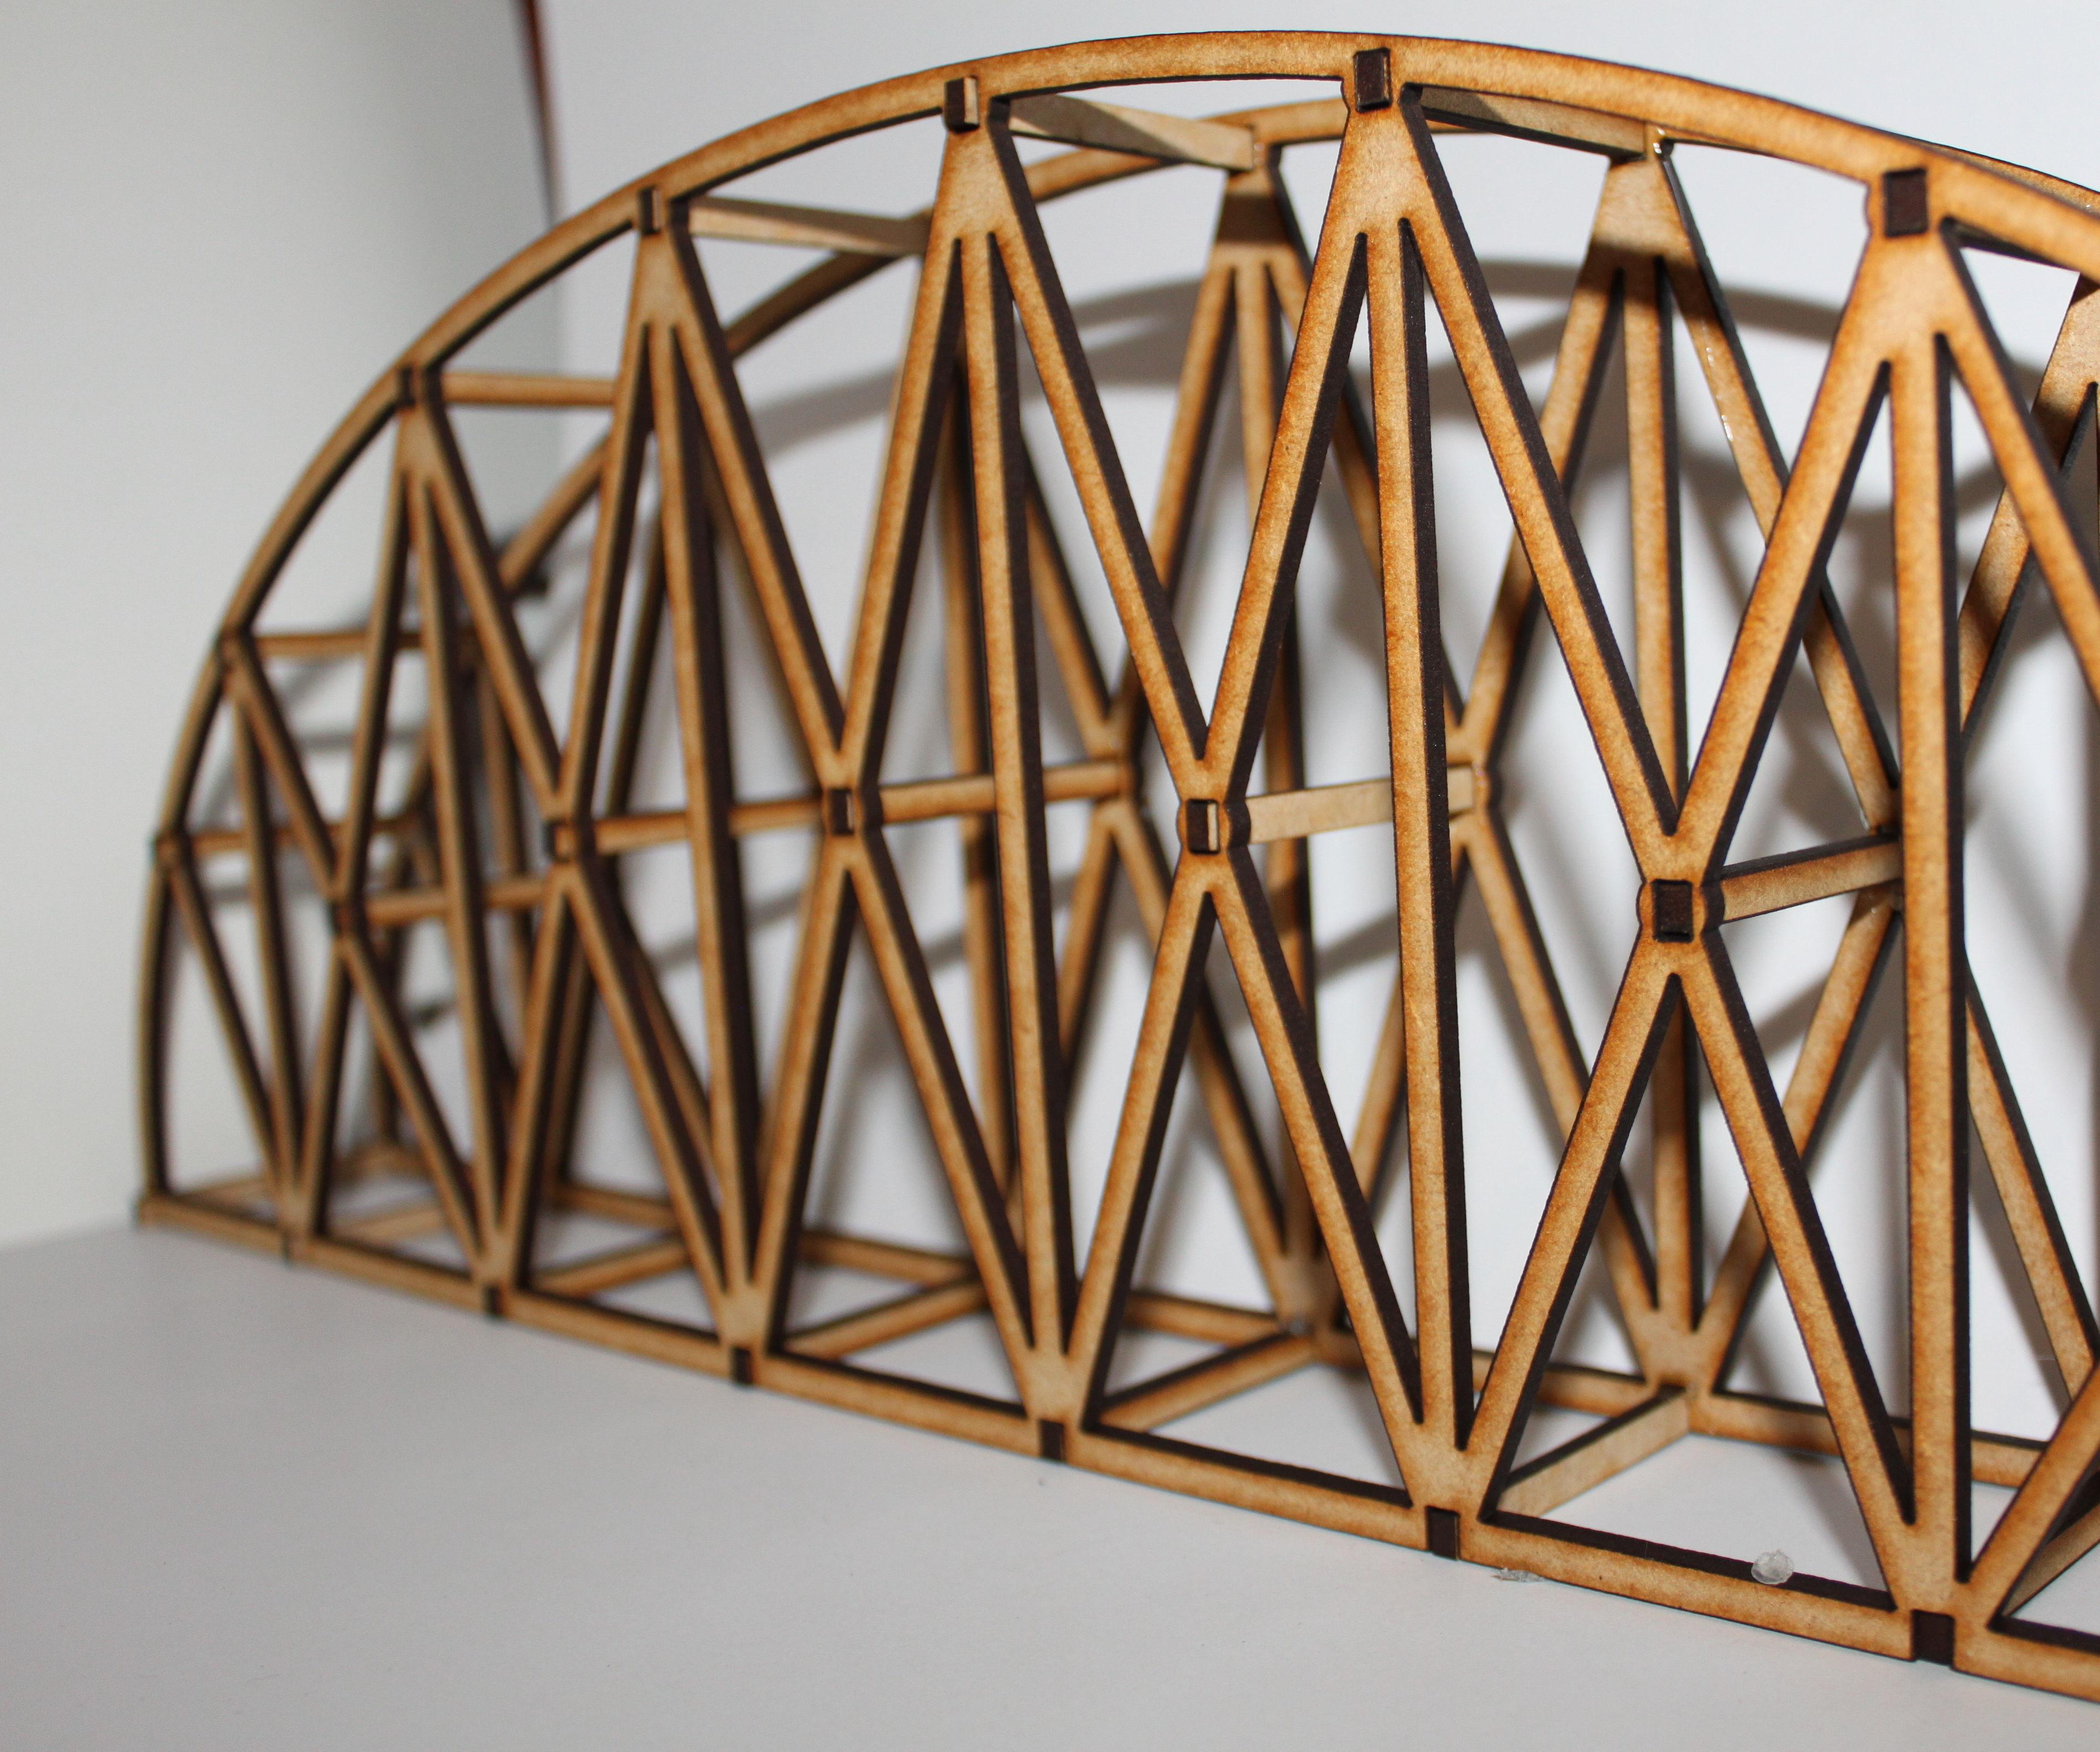 Laser Cut Bridge Stem Challenge 3 Steps Instructables